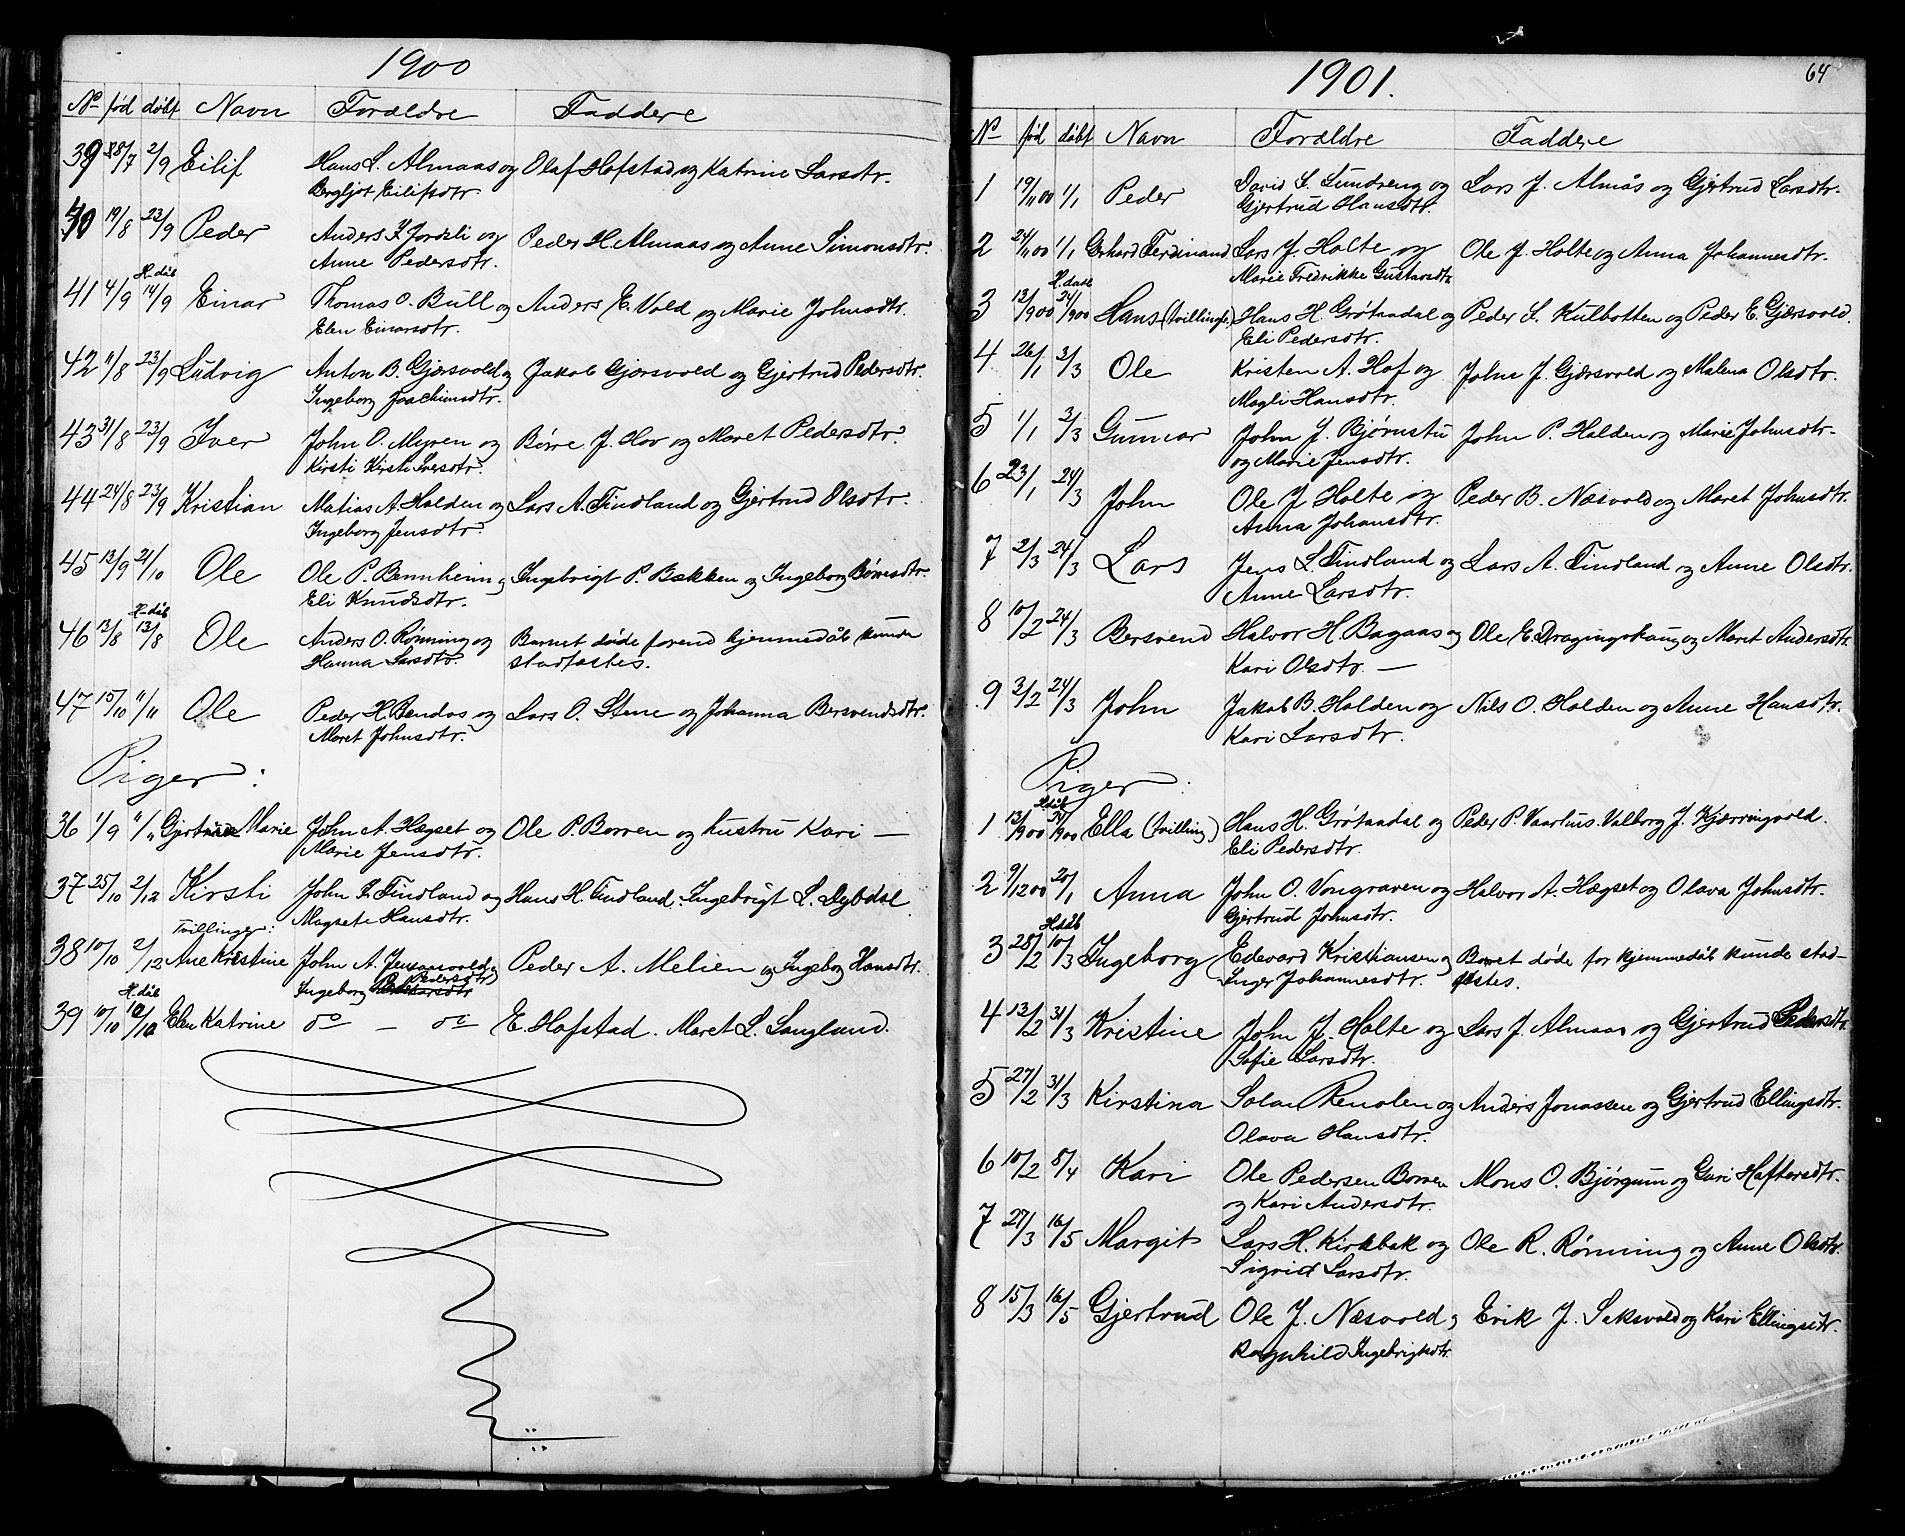 SAT, Ministerialprotokoller, klokkerbøker og fødselsregistre - Sør-Trøndelag, 686/L0985: Klokkerbok nr. 686C01, 1871-1933, s. 64